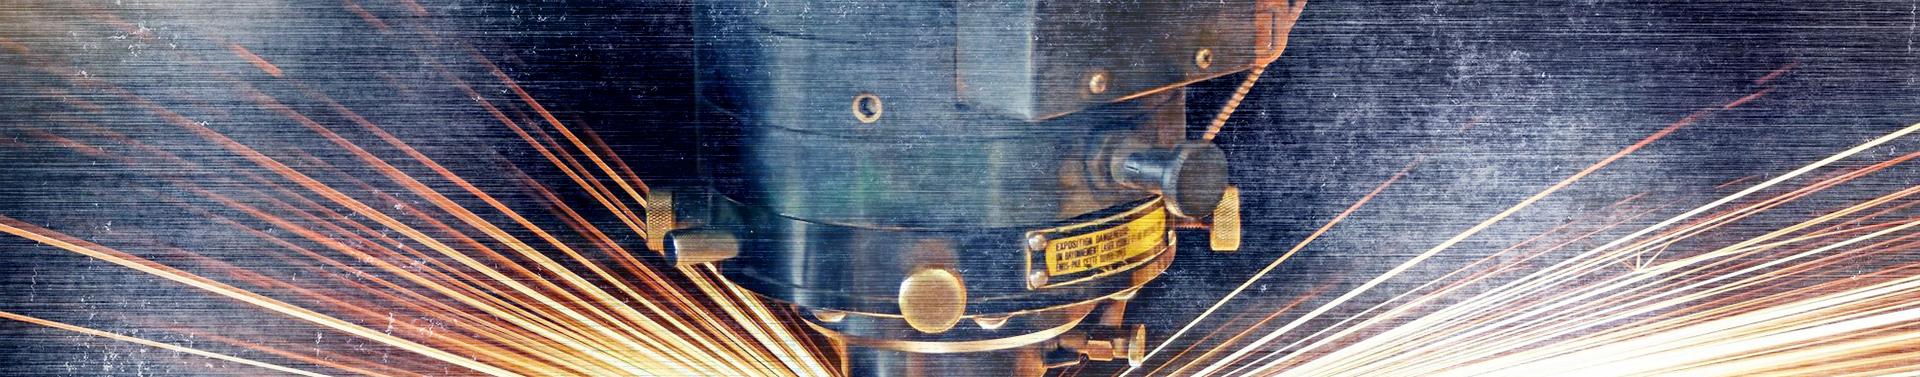 Découpe de tôle 64, Découpe de tôle Aquitaine, Découpe de tôle Occitanie, Découpe de tôle Pau, Métal sur mesure 64, Métal sur mesure Aquitaine, Métal sur mesure Occitanie, Métal sur mesure Pau, Peinture epoxy 64, Peinture epoxy Aquitaine, Peinture epoxy Occitanie, Peinture epoxy Pau, Poinçonnage 64, Poinçonnage Aquitaine, Poinçonnage Occitanie, Poinçonnage Pau, Soudure 64, Soudure Aquitaine, Soudure Occitanie, Soudure Pau, Tôlerie fine 64, Tôlerie fine Aquitaine, Tôlerie fine Occitanie, Tôlerie fine Pau